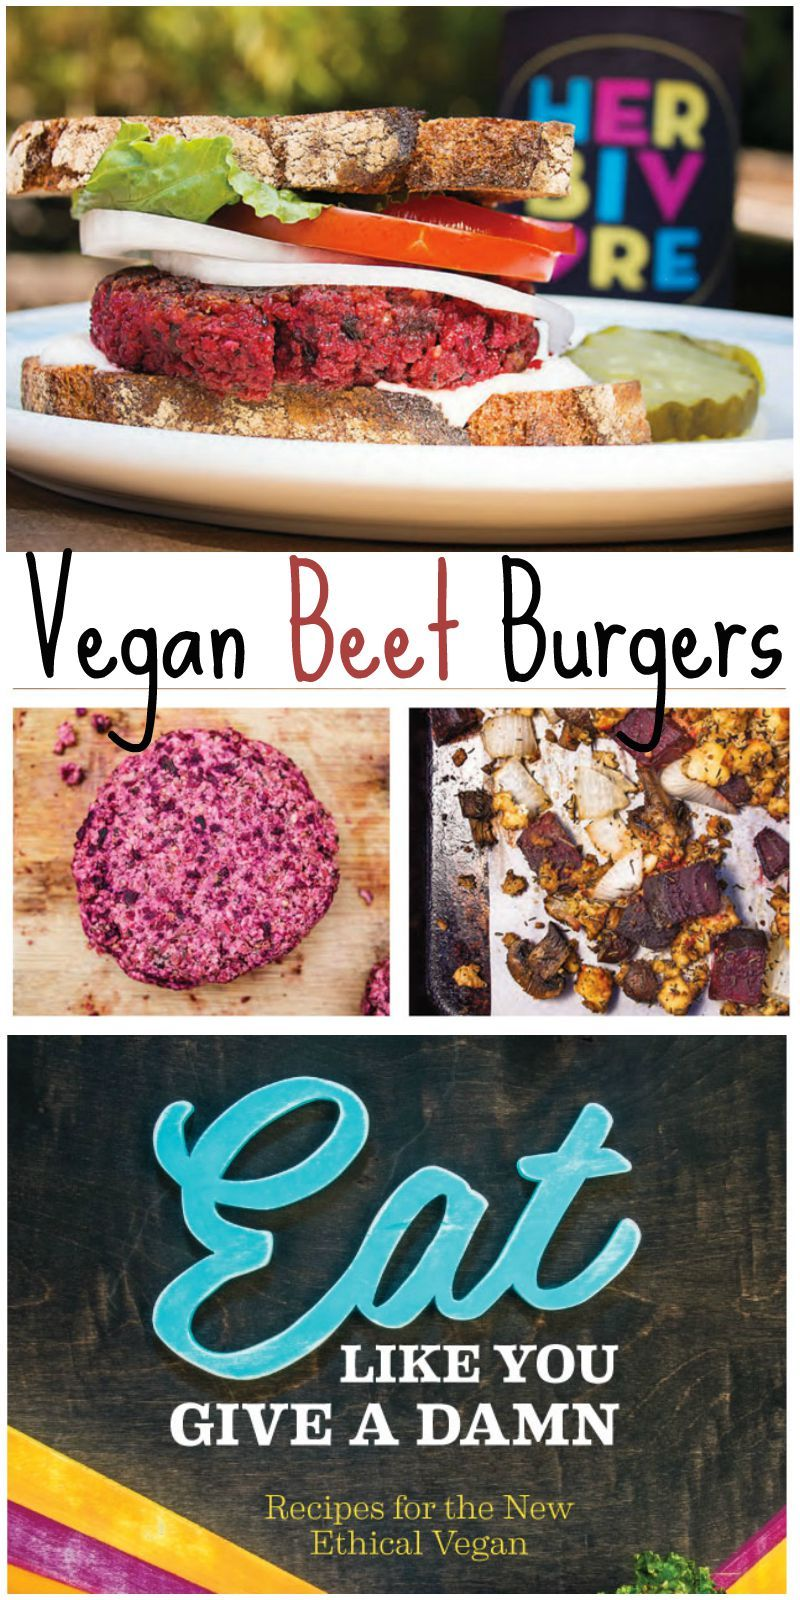 Roasted Beet Burgers